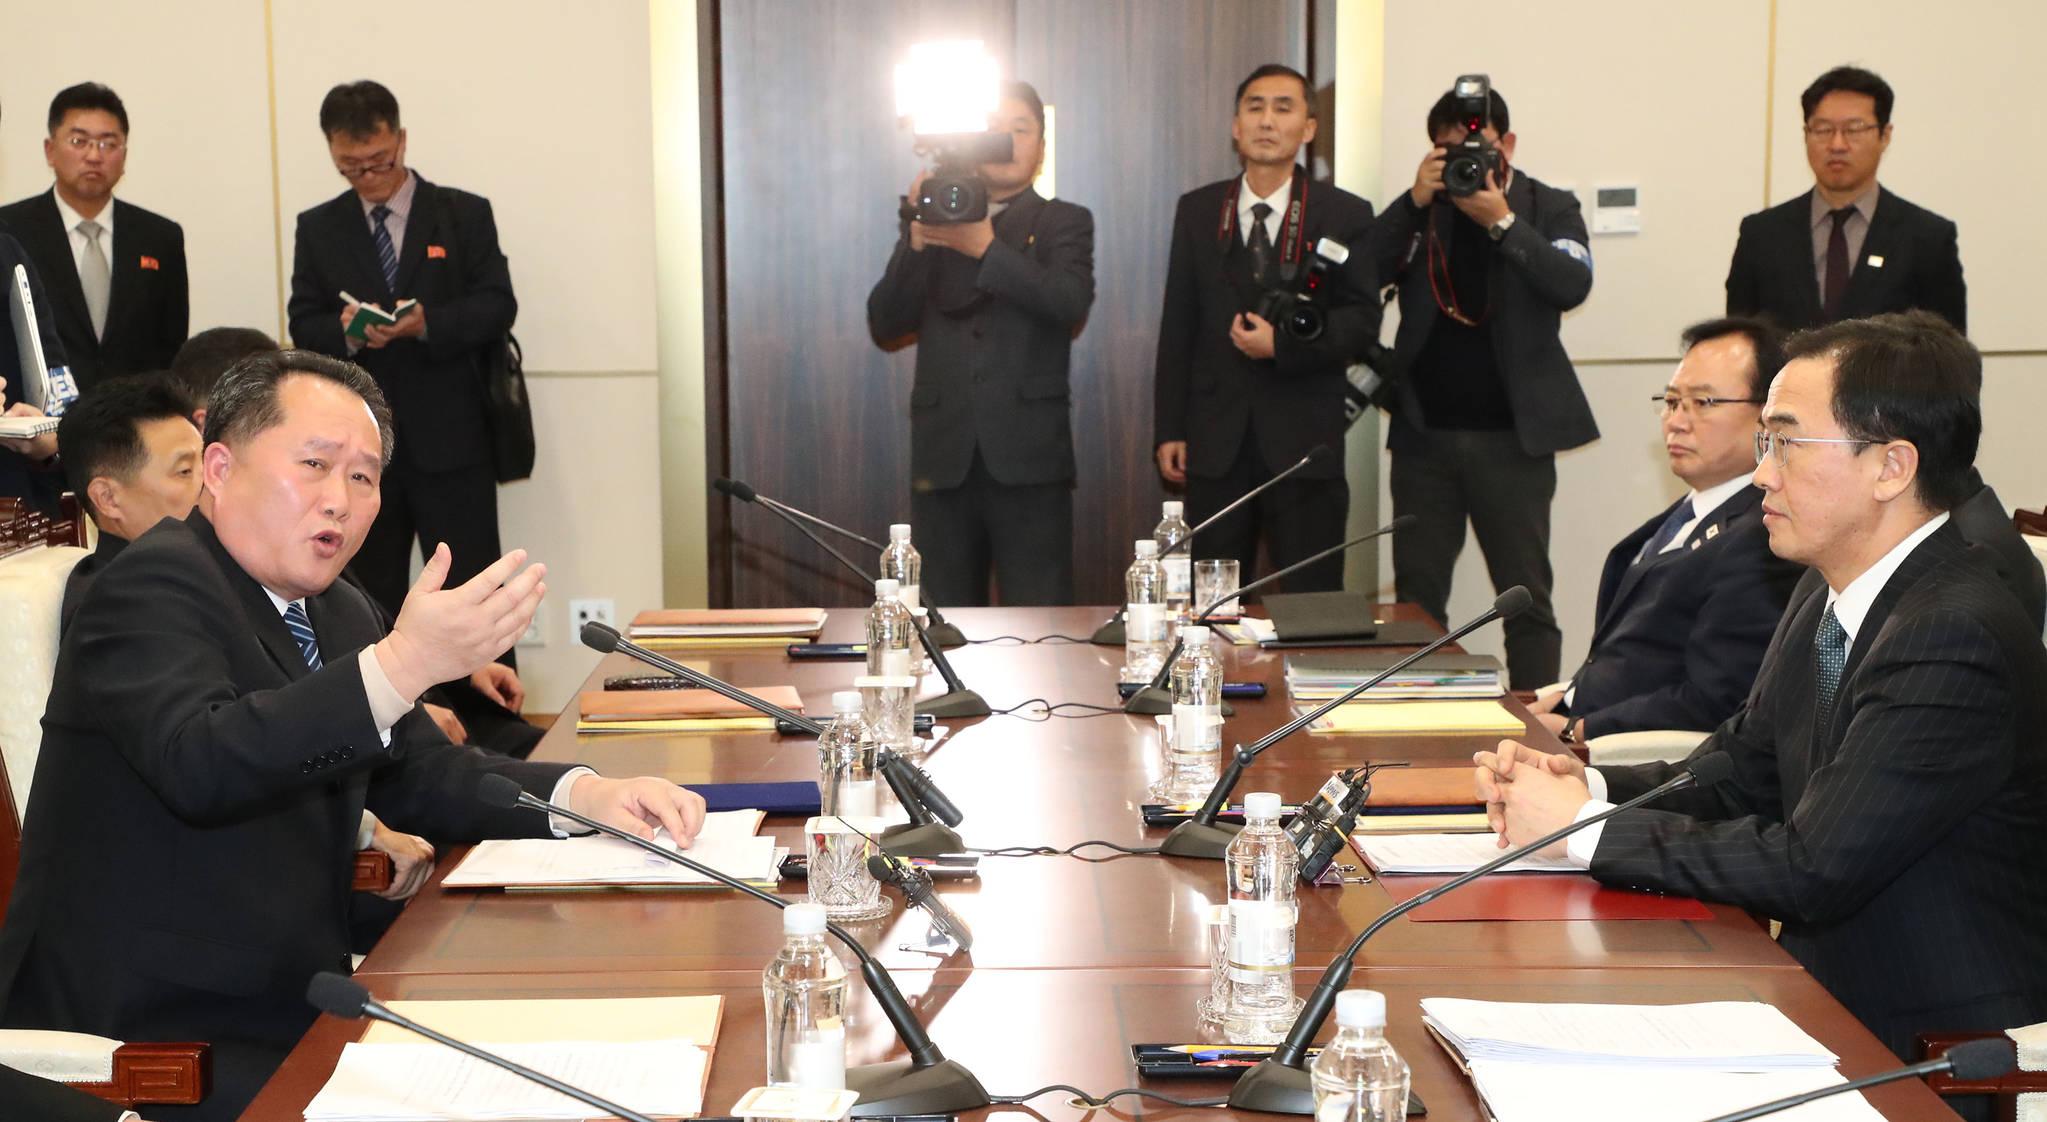 남북 고위급회담이 열린 9일 저녁 판문점 남측 평화의 집에서 북한 이선권 조국평화통일위원장이 서해 군 통신선과 관련해 강한 톤으로 이야기하고있다.[사진공동취재단]